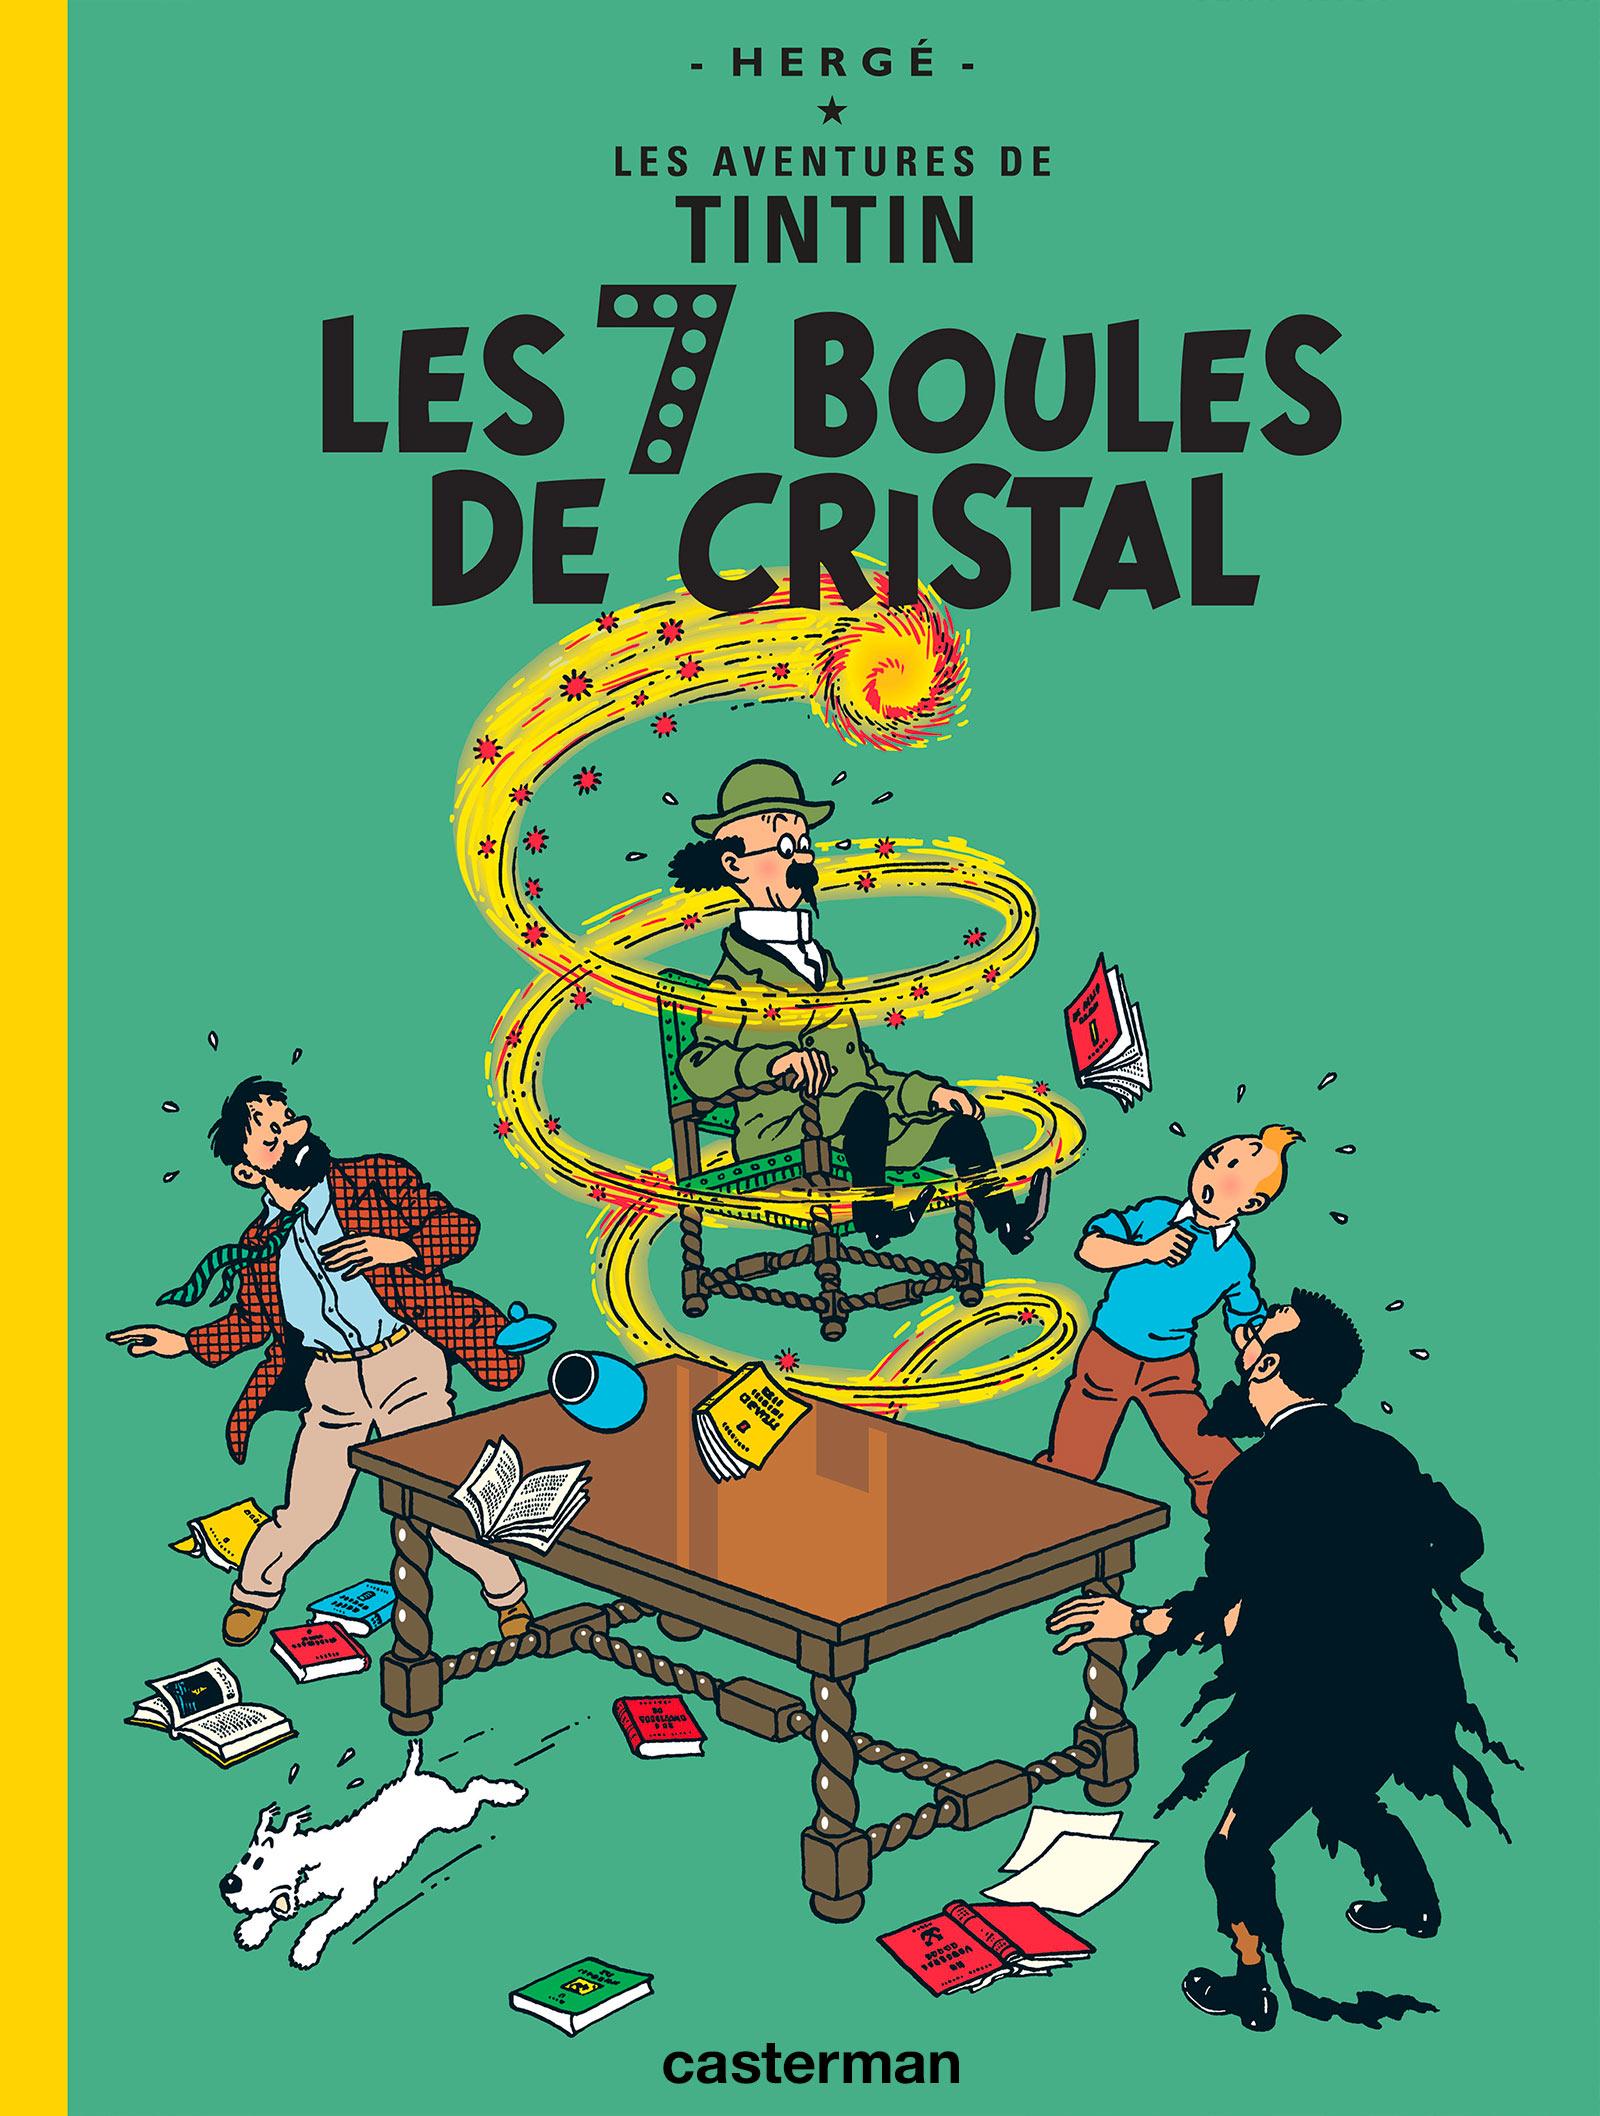 Les 7 boules de cristal. Edition en arménien - Hergé